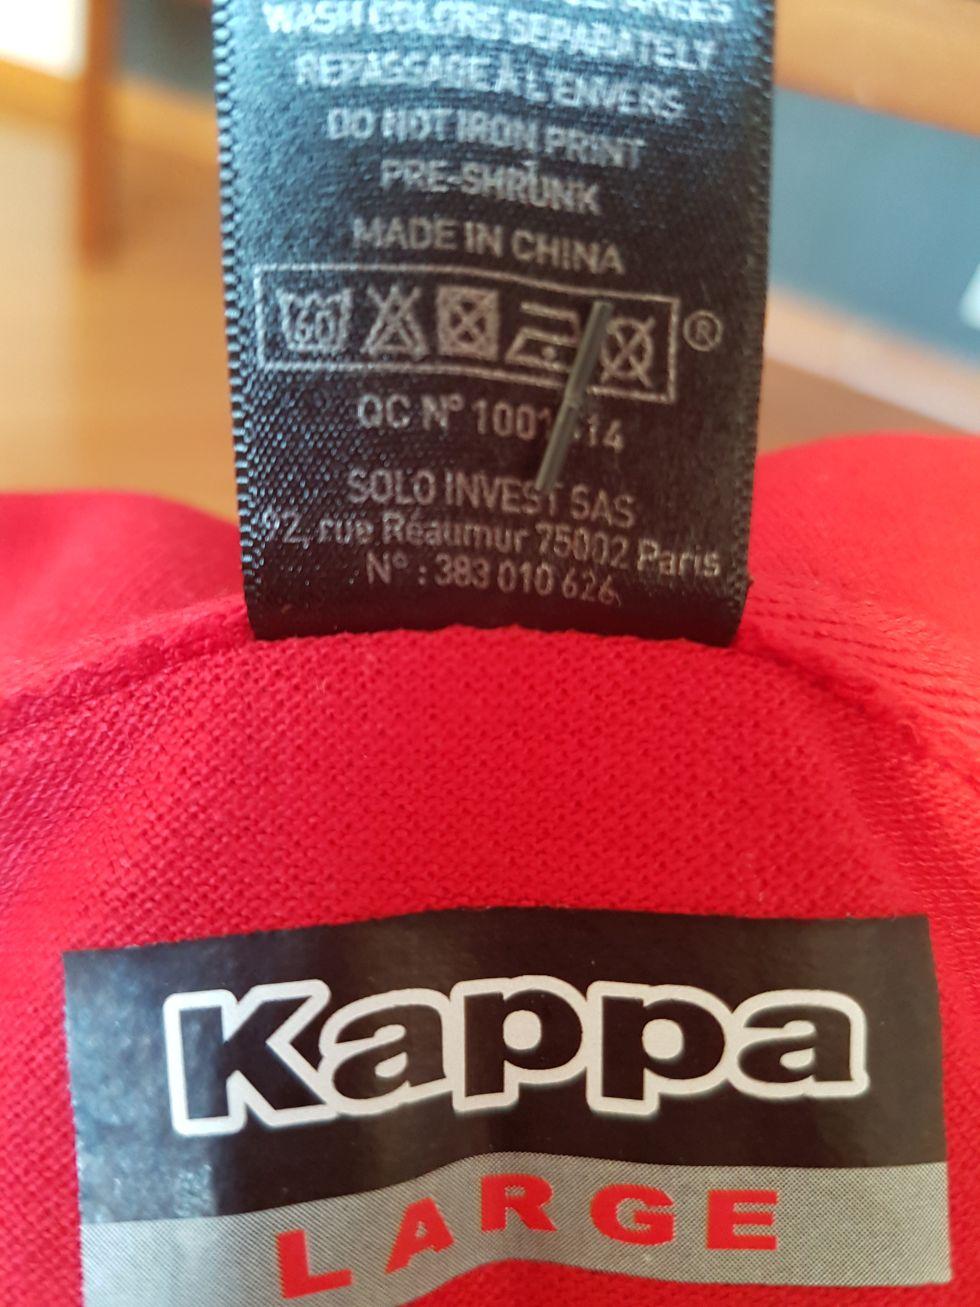 Așa arată tricoul roșu oficial. Pe eticheta lui se vede firma Sols, dar ele sunt prezentate prin lipire la cald drept Kappa